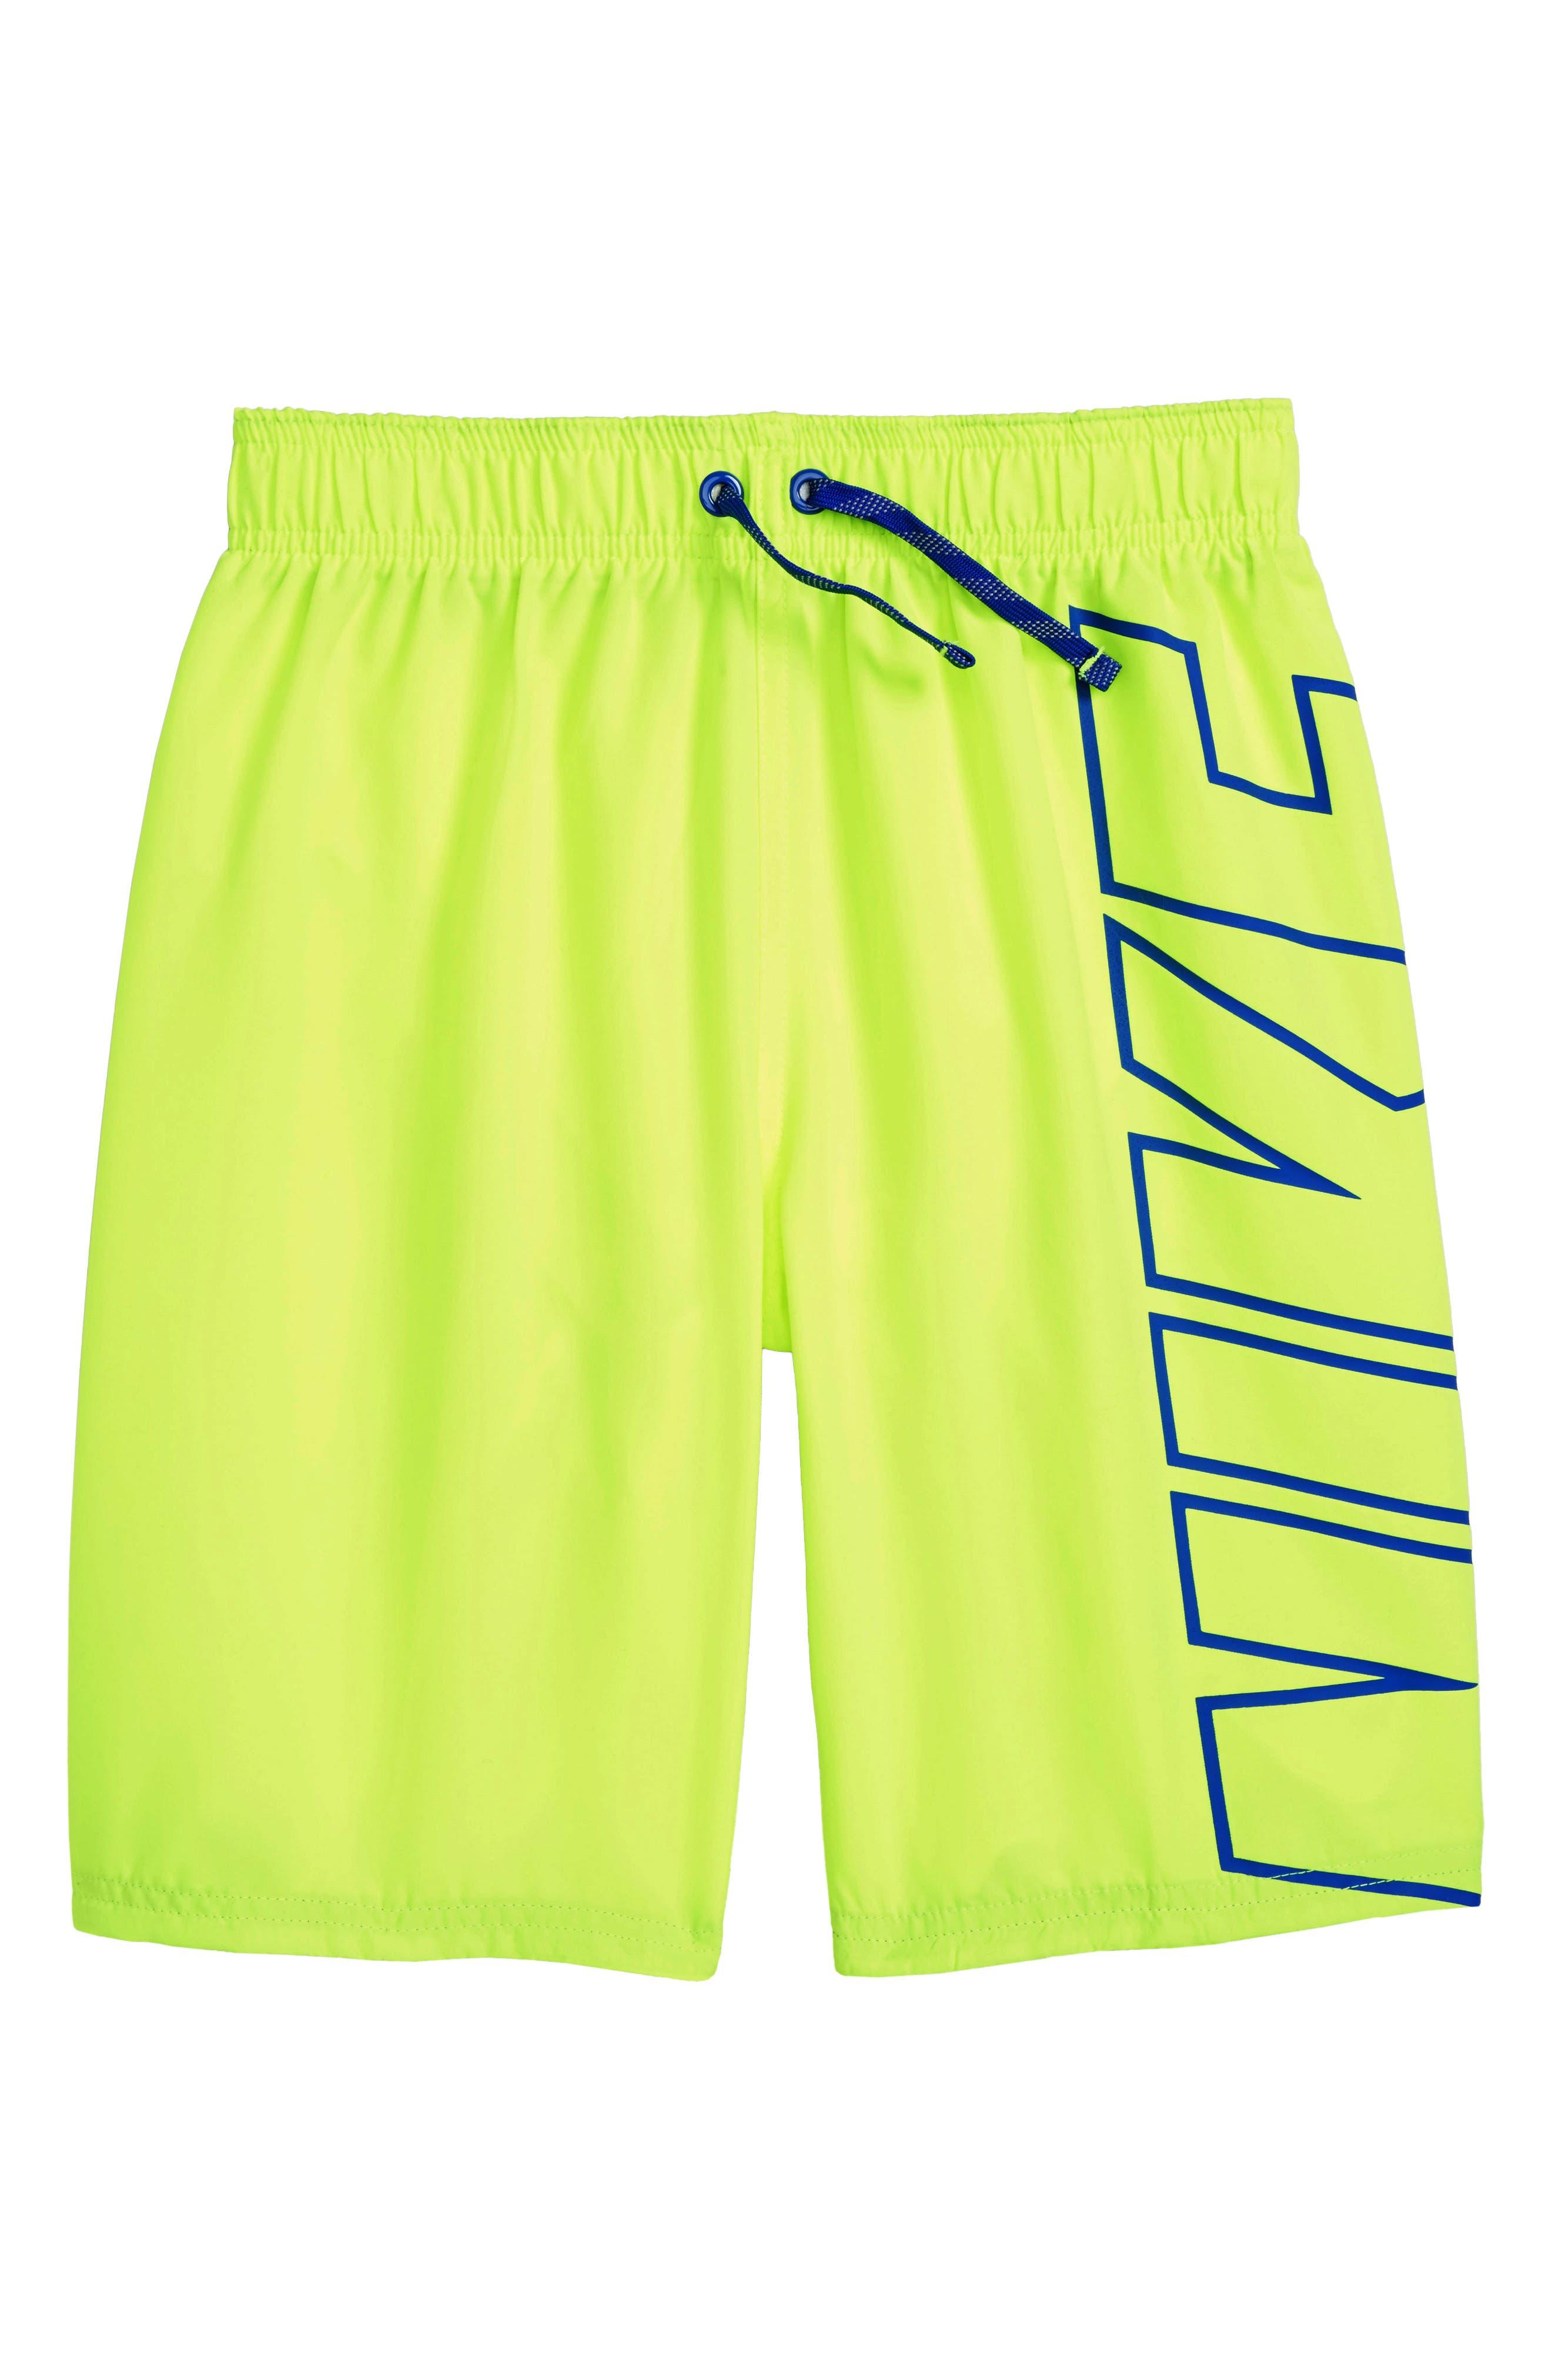 Breaker Volley Shorts,                             Main thumbnail 1, color,                             Volt